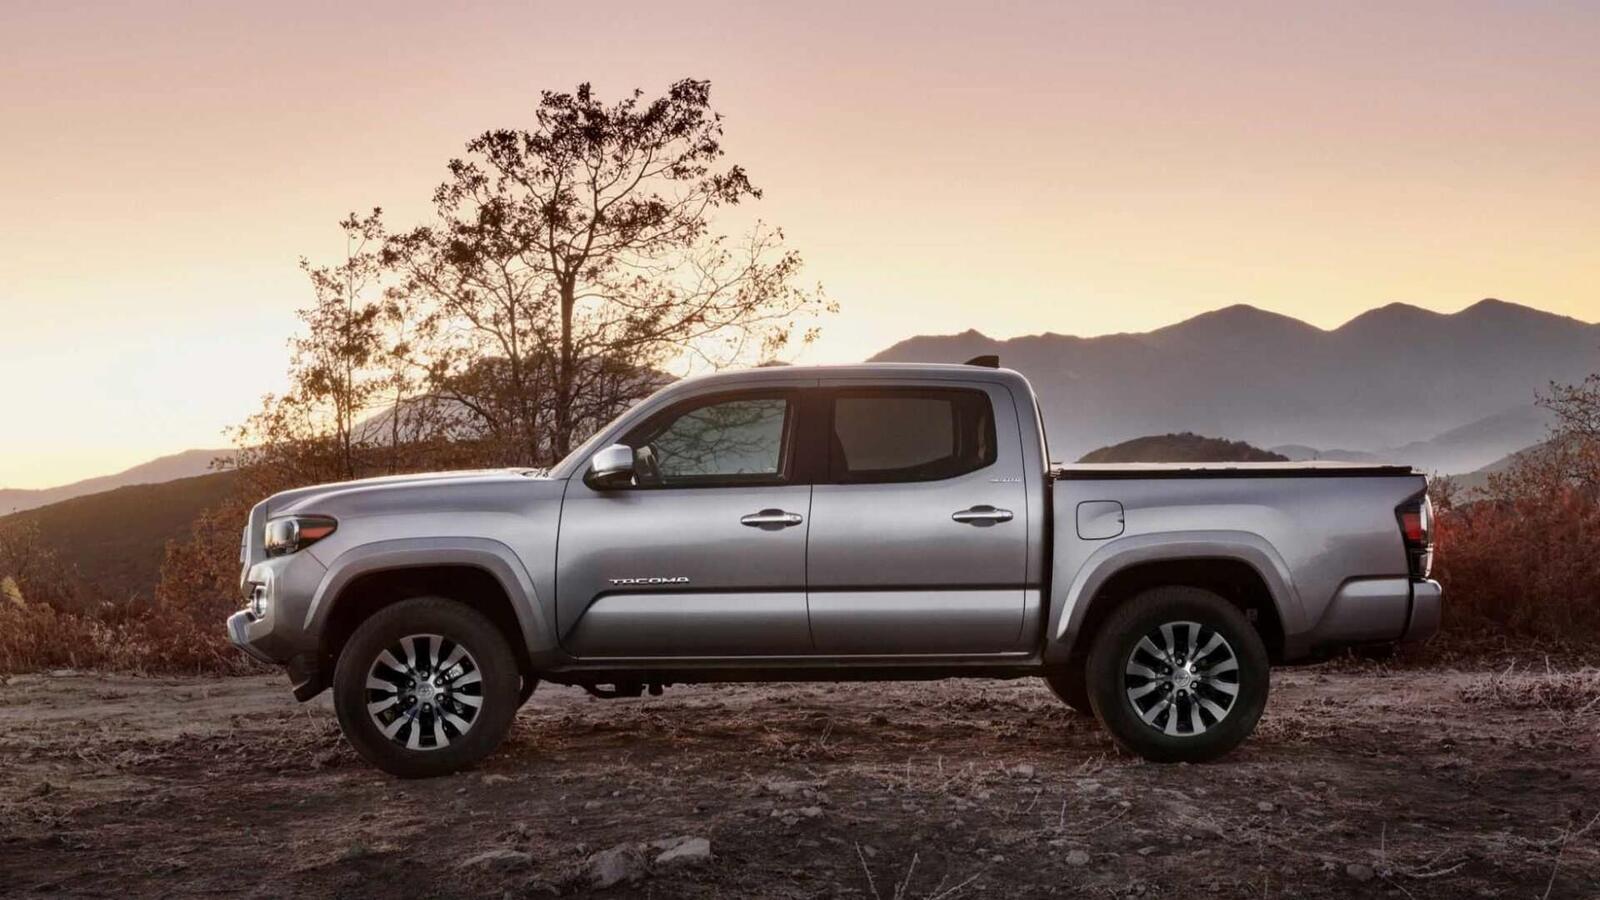 Xem trước bán tải Toyota Tacoma 2020 mới trước ngày ra mắt đối thủ đáng gờm của Ford Ranger - Hình 2